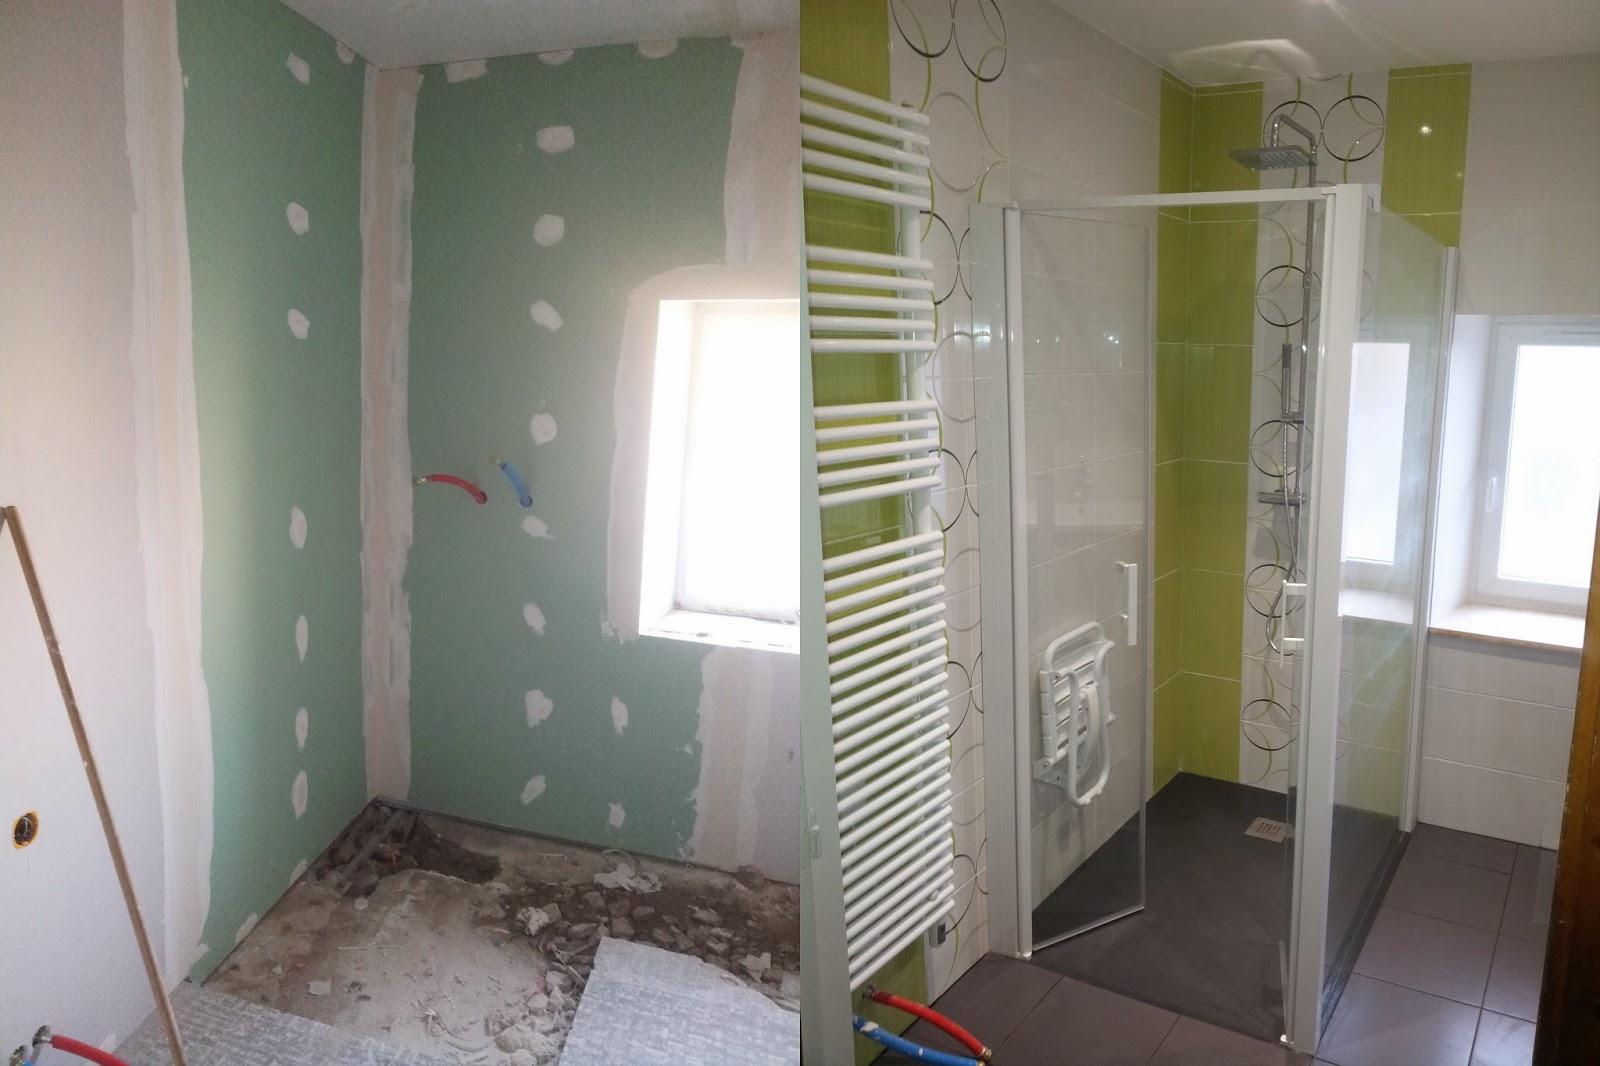 michel le coz agencement d coration avant apr s salle d 39 eau blanche et verte. Black Bedroom Furniture Sets. Home Design Ideas